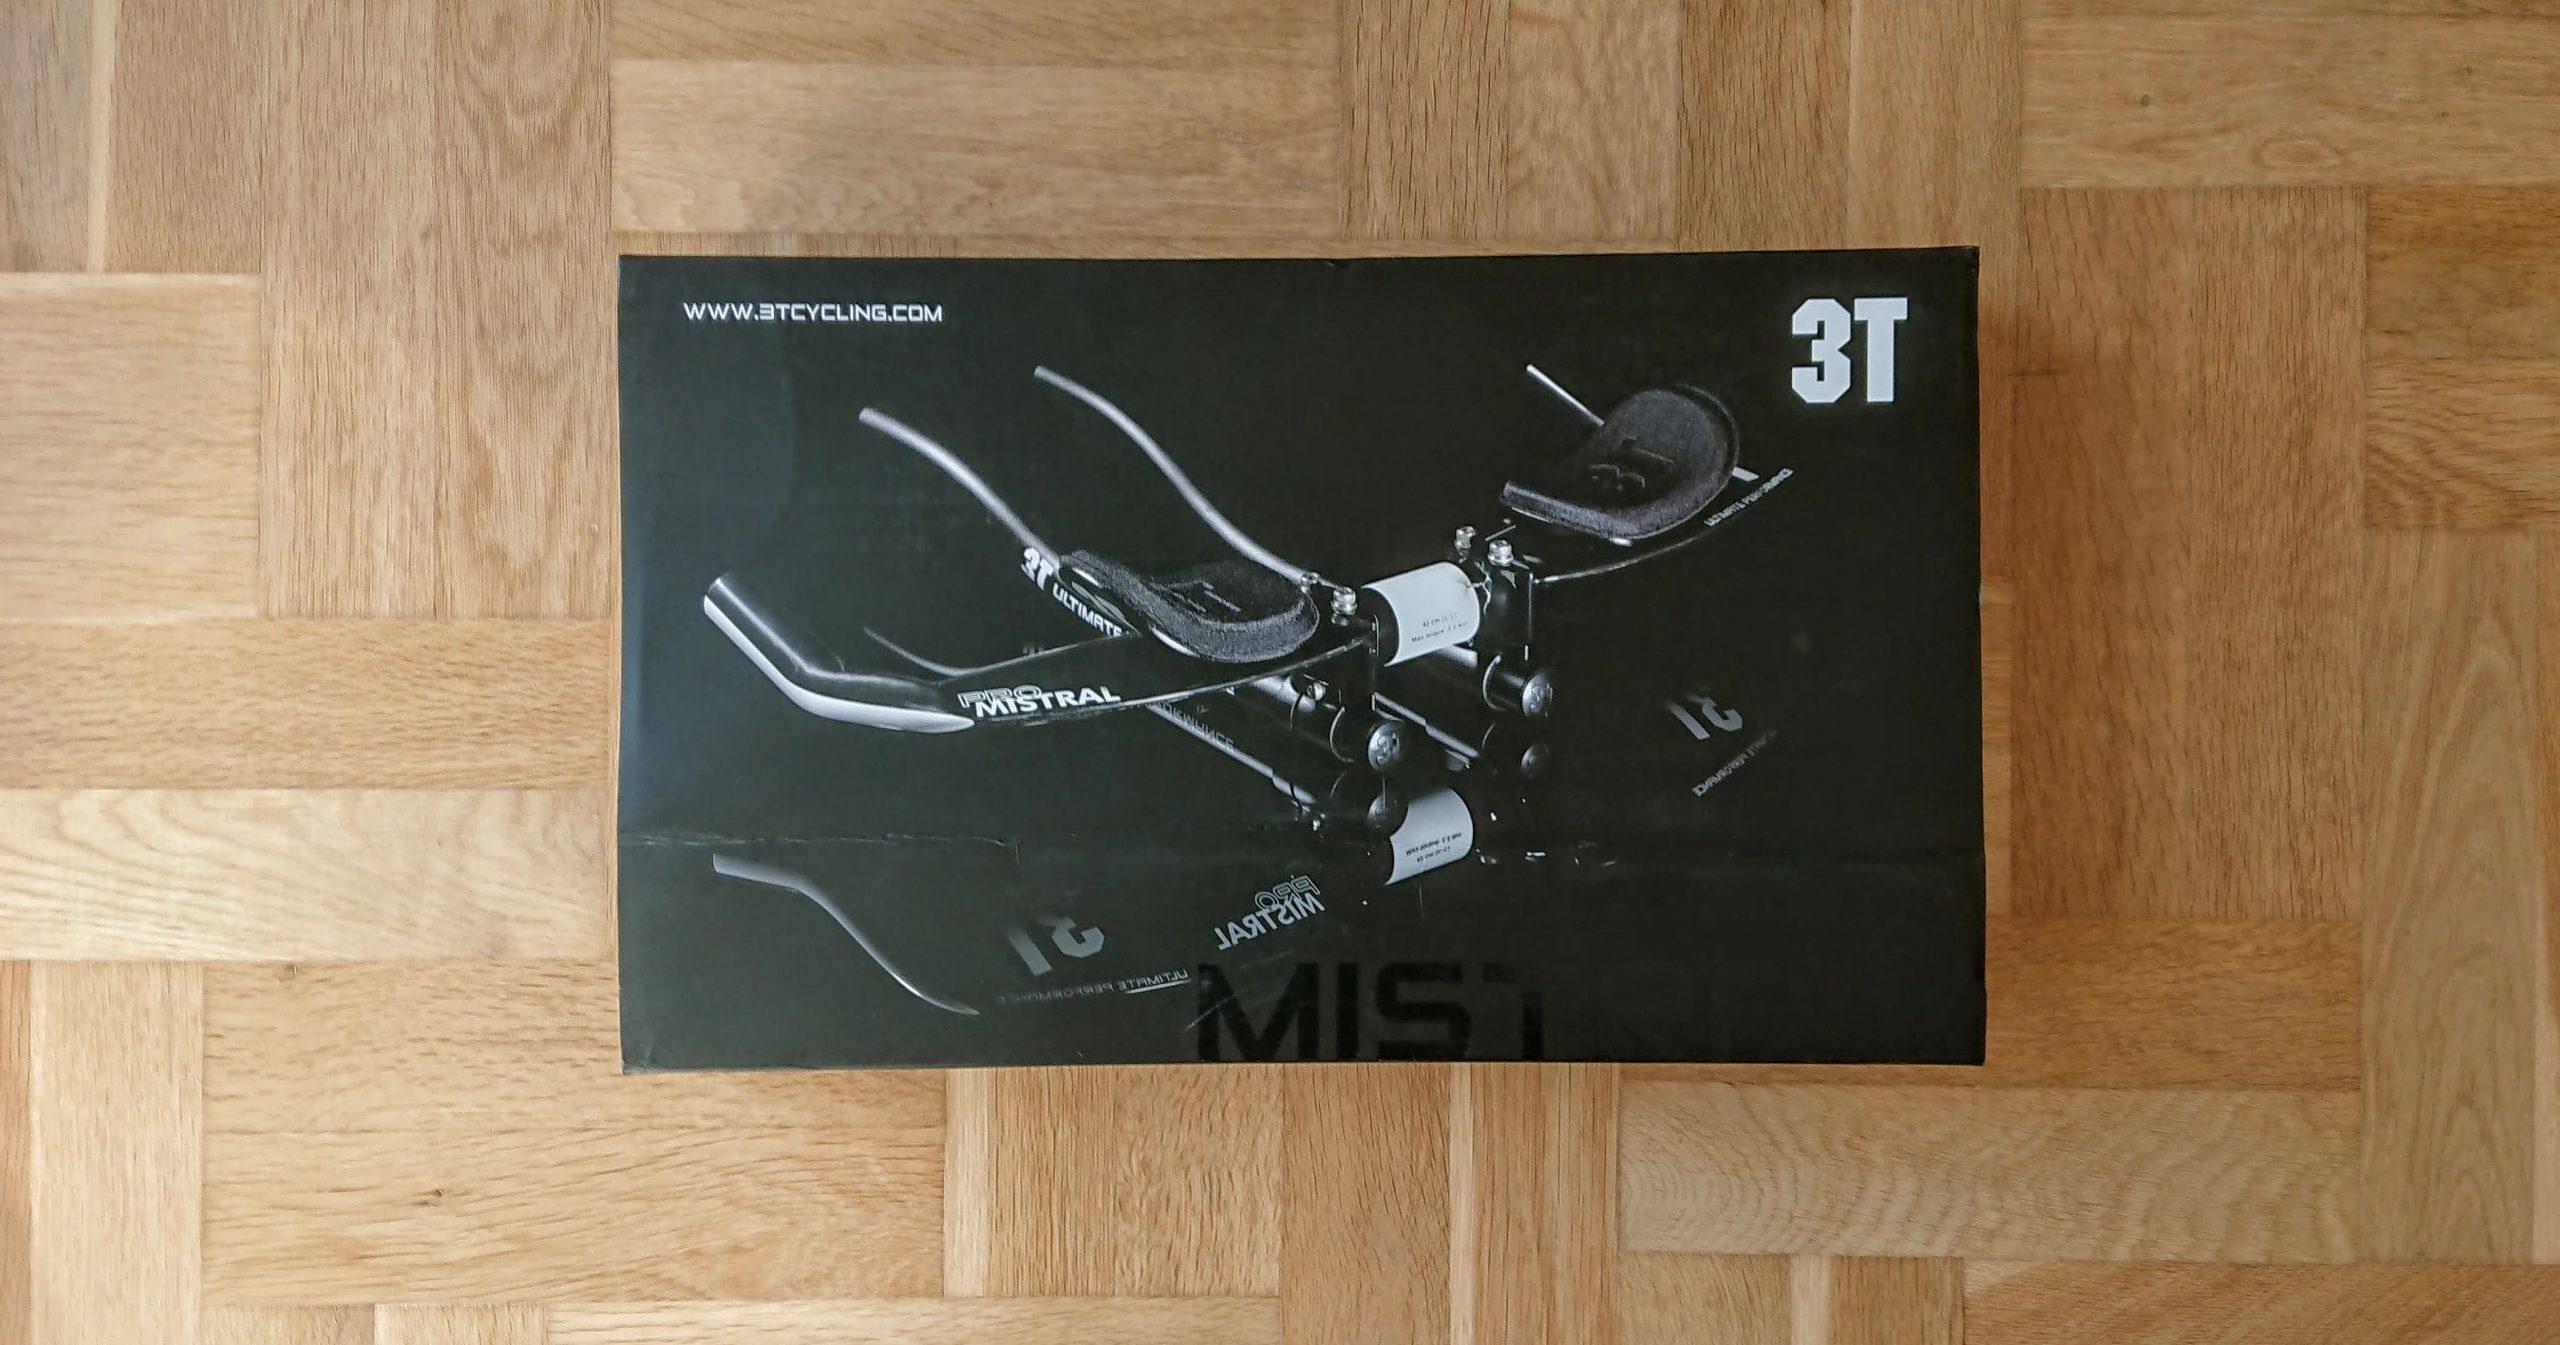 Рога за часовникарско колело 3T